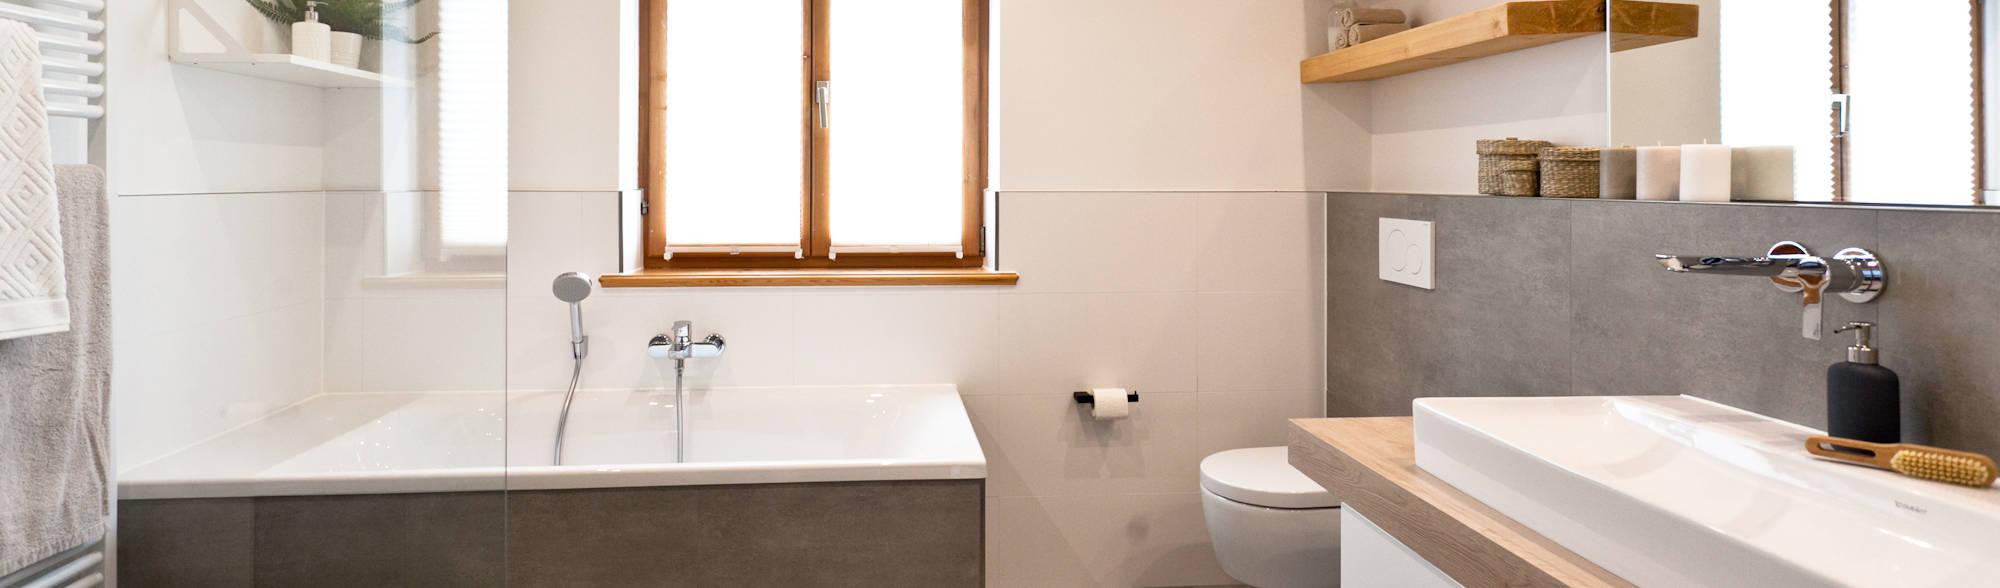 badsanierung schickes wohlf hlbad mit viel holz und modernen fliesen in betonoptik von banovo. Black Bedroom Furniture Sets. Home Design Ideas